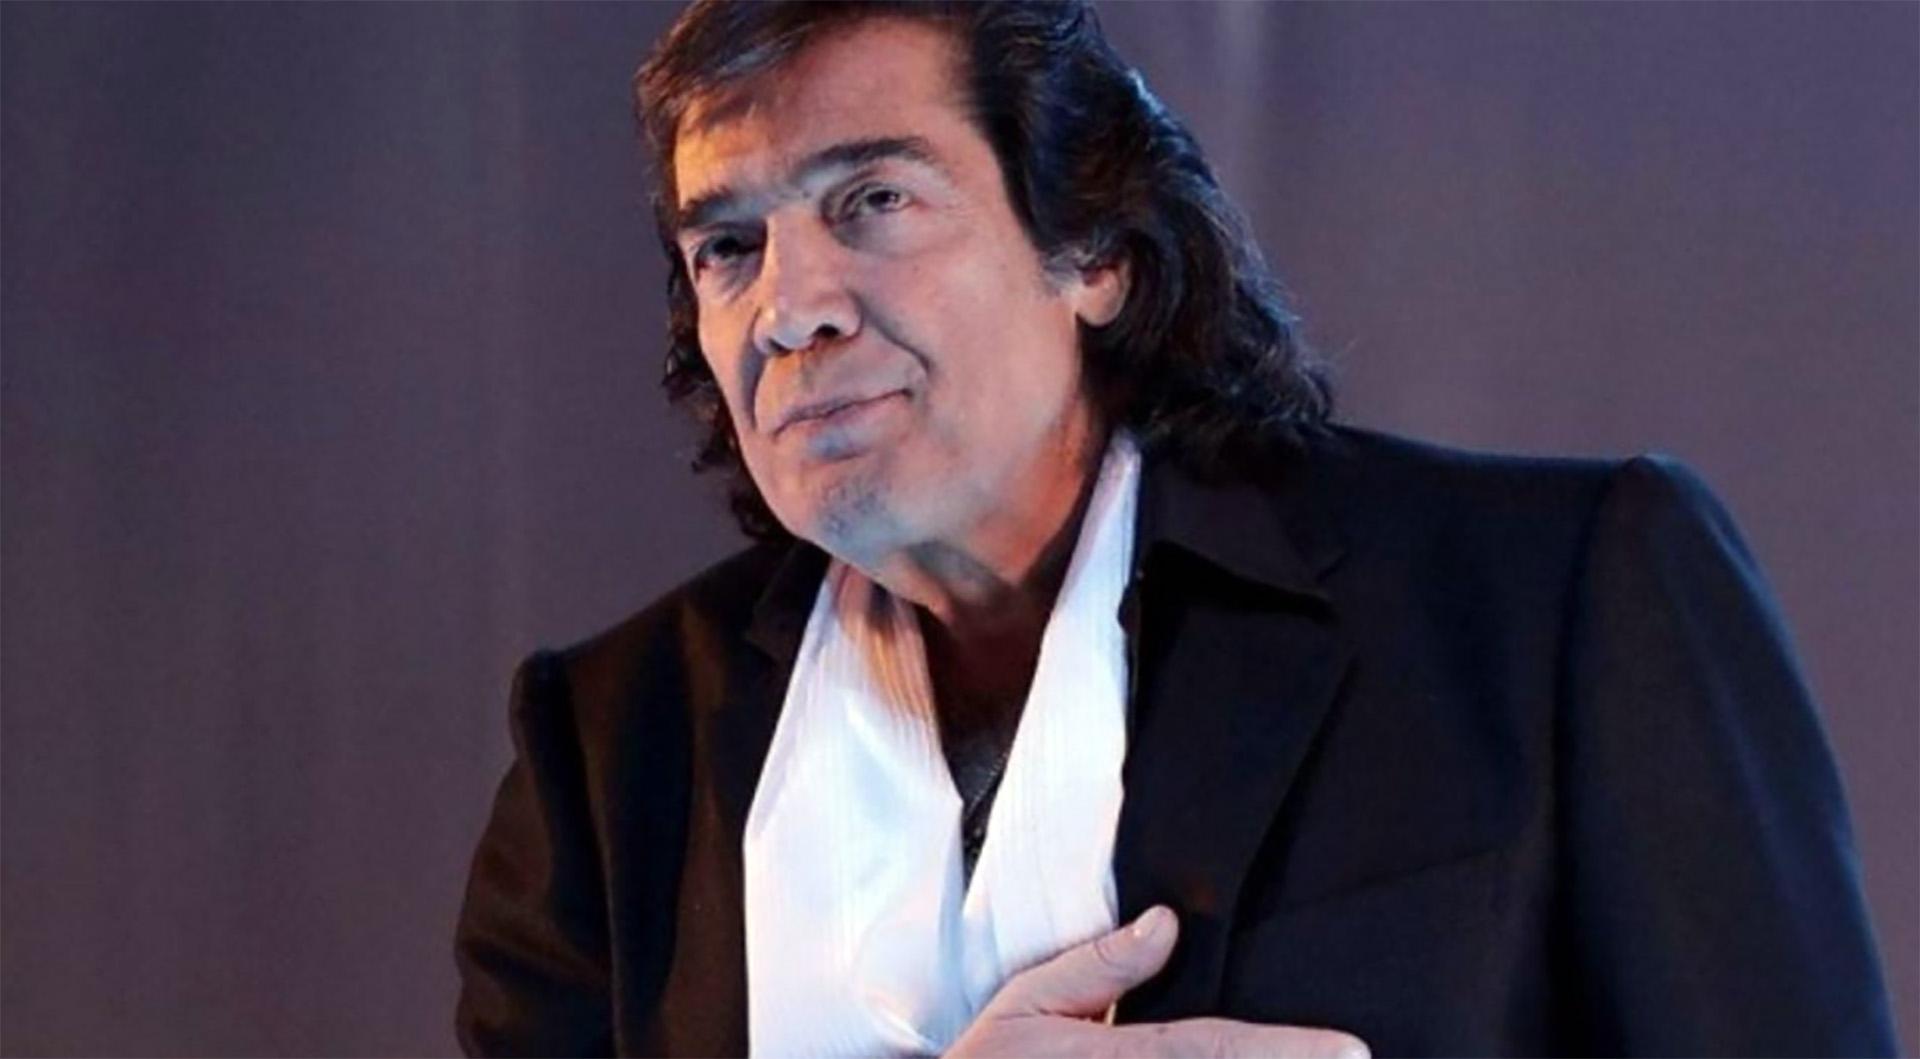 """""""Si la violación es inevitable, relájate y goza"""", dijo Cacho Castaña durante una entrevista en """"Involucrados"""". Esta desafortunada frase generó un gran repudio de la gente"""